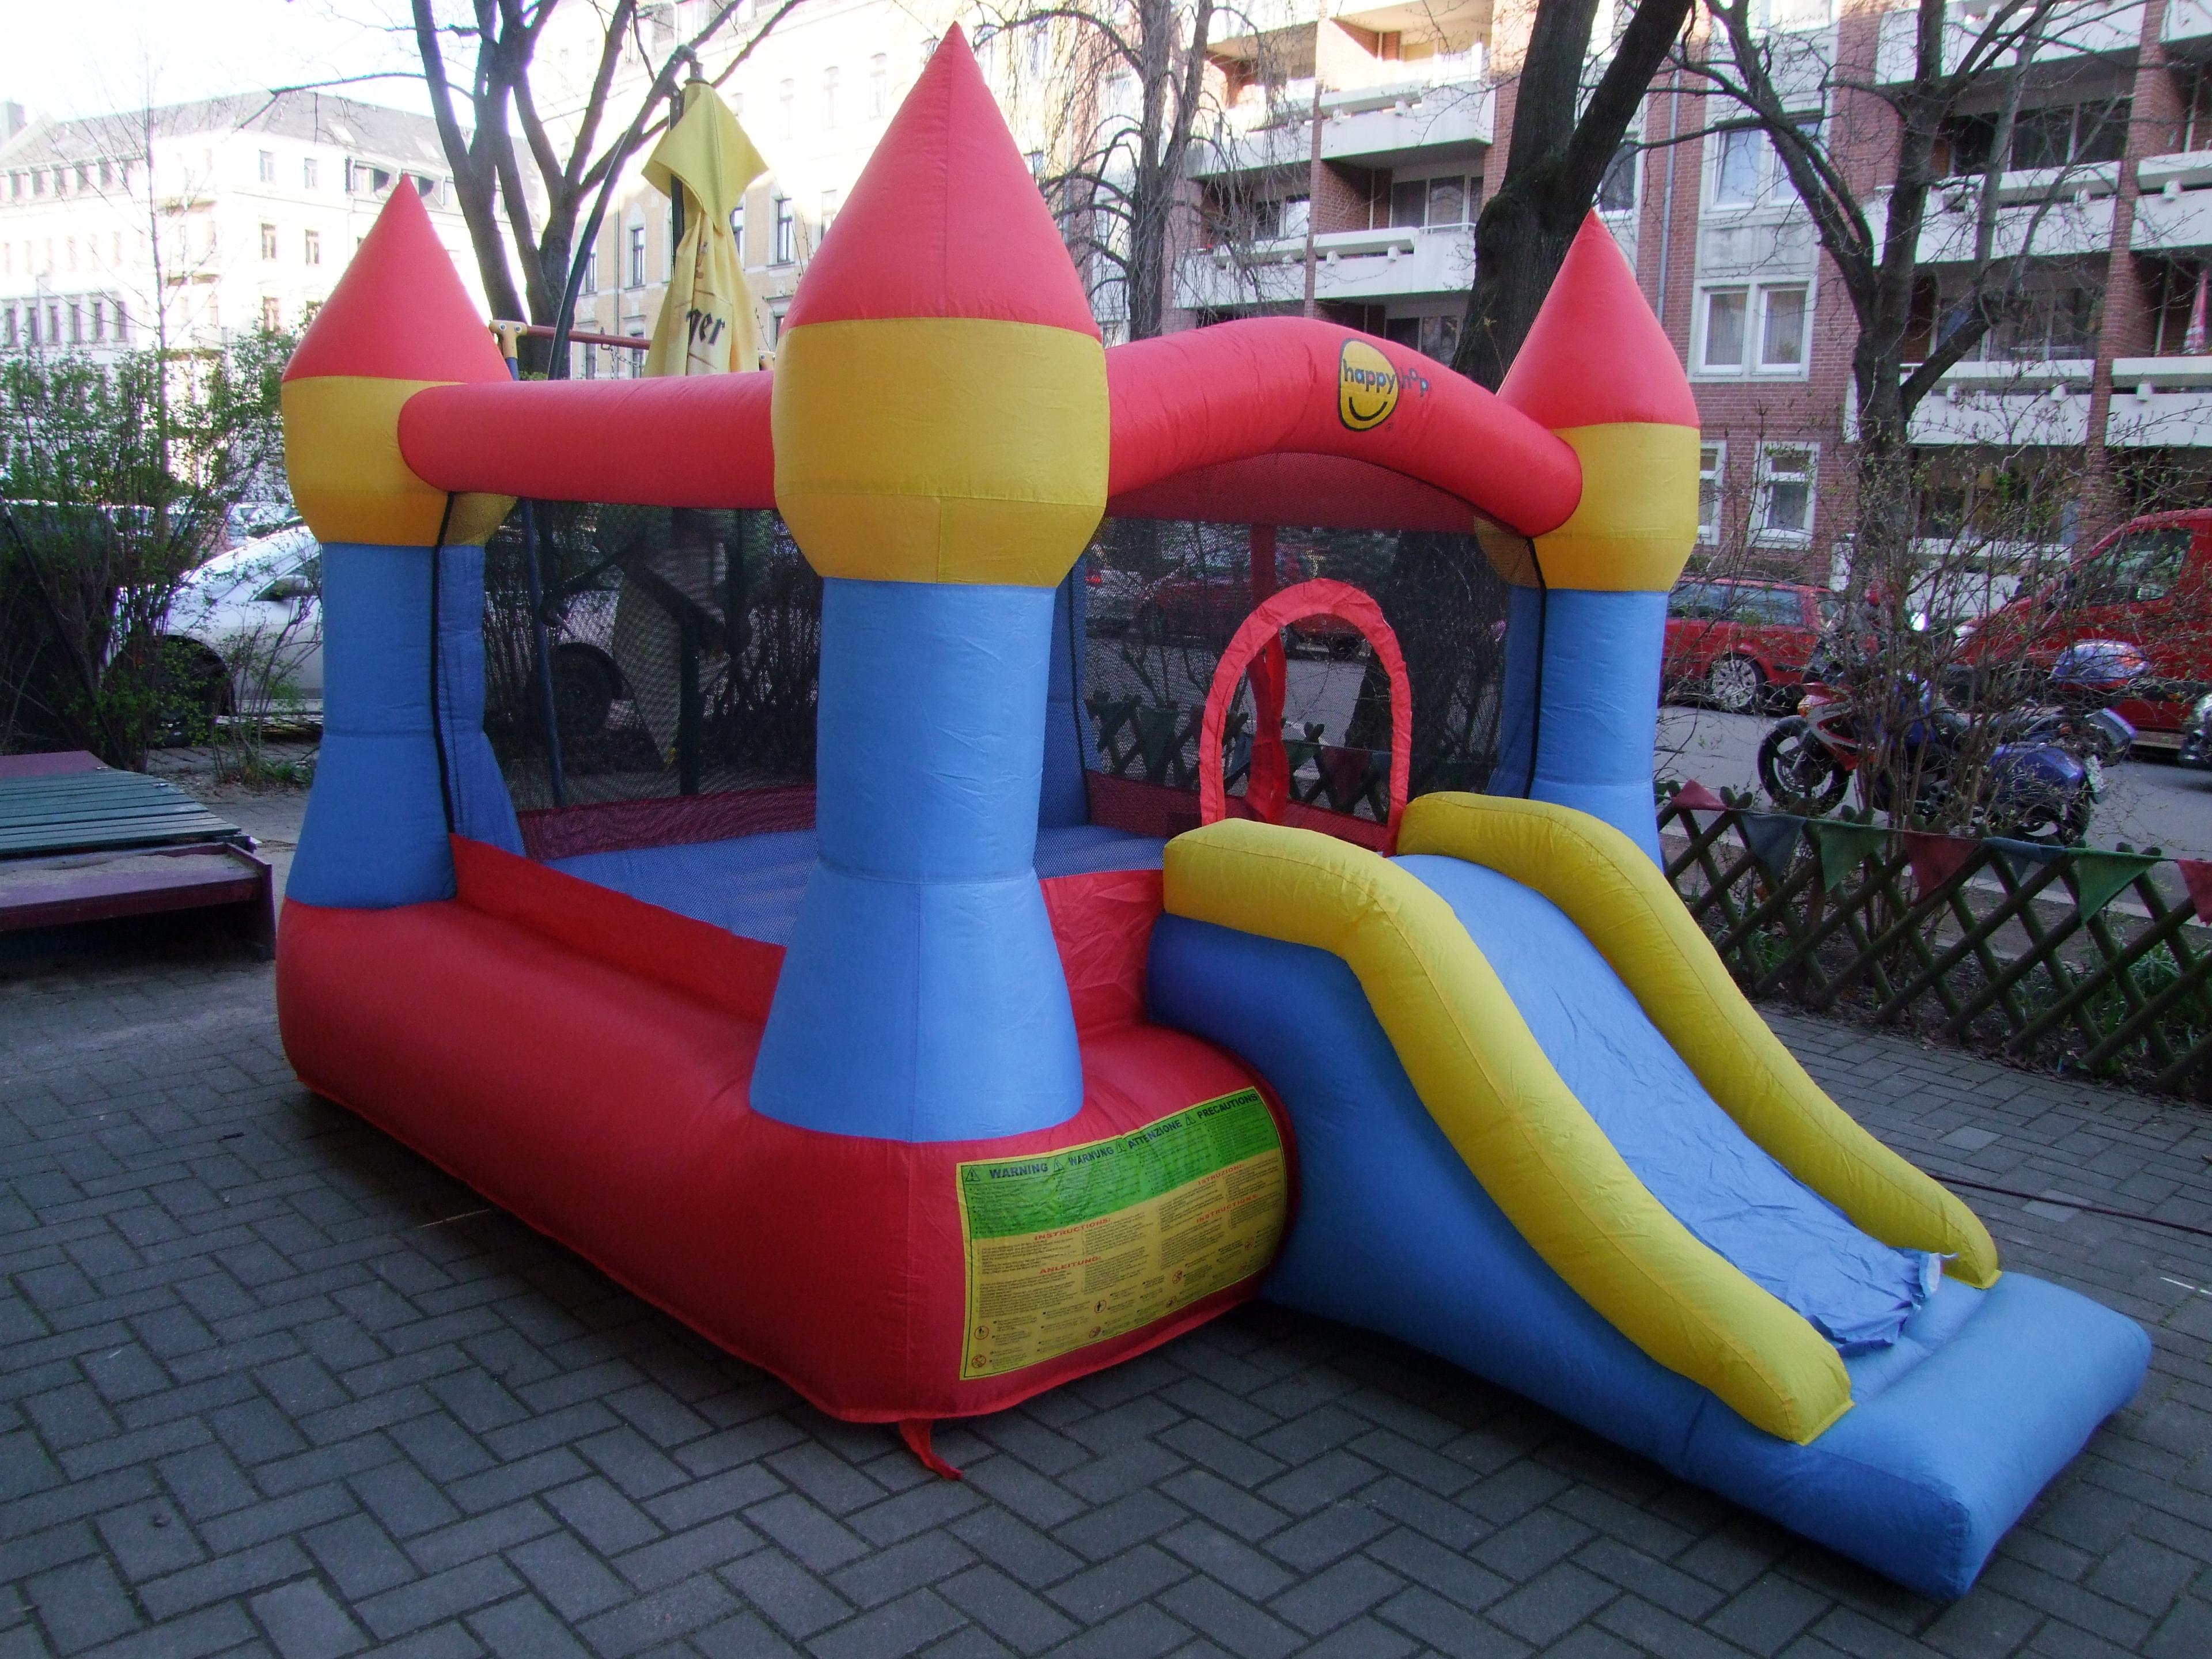 Hüpfspaß für ca.2-3 Kinder im Alter von 1-3 Jahren